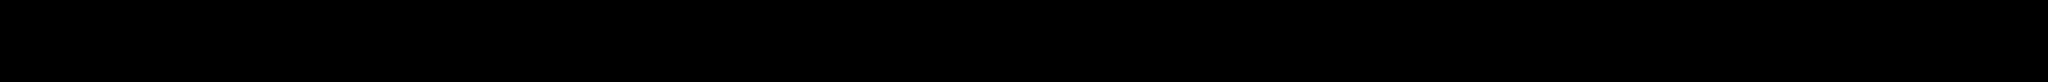 YATO Συσκευή βοηθητικής εκκίνησης